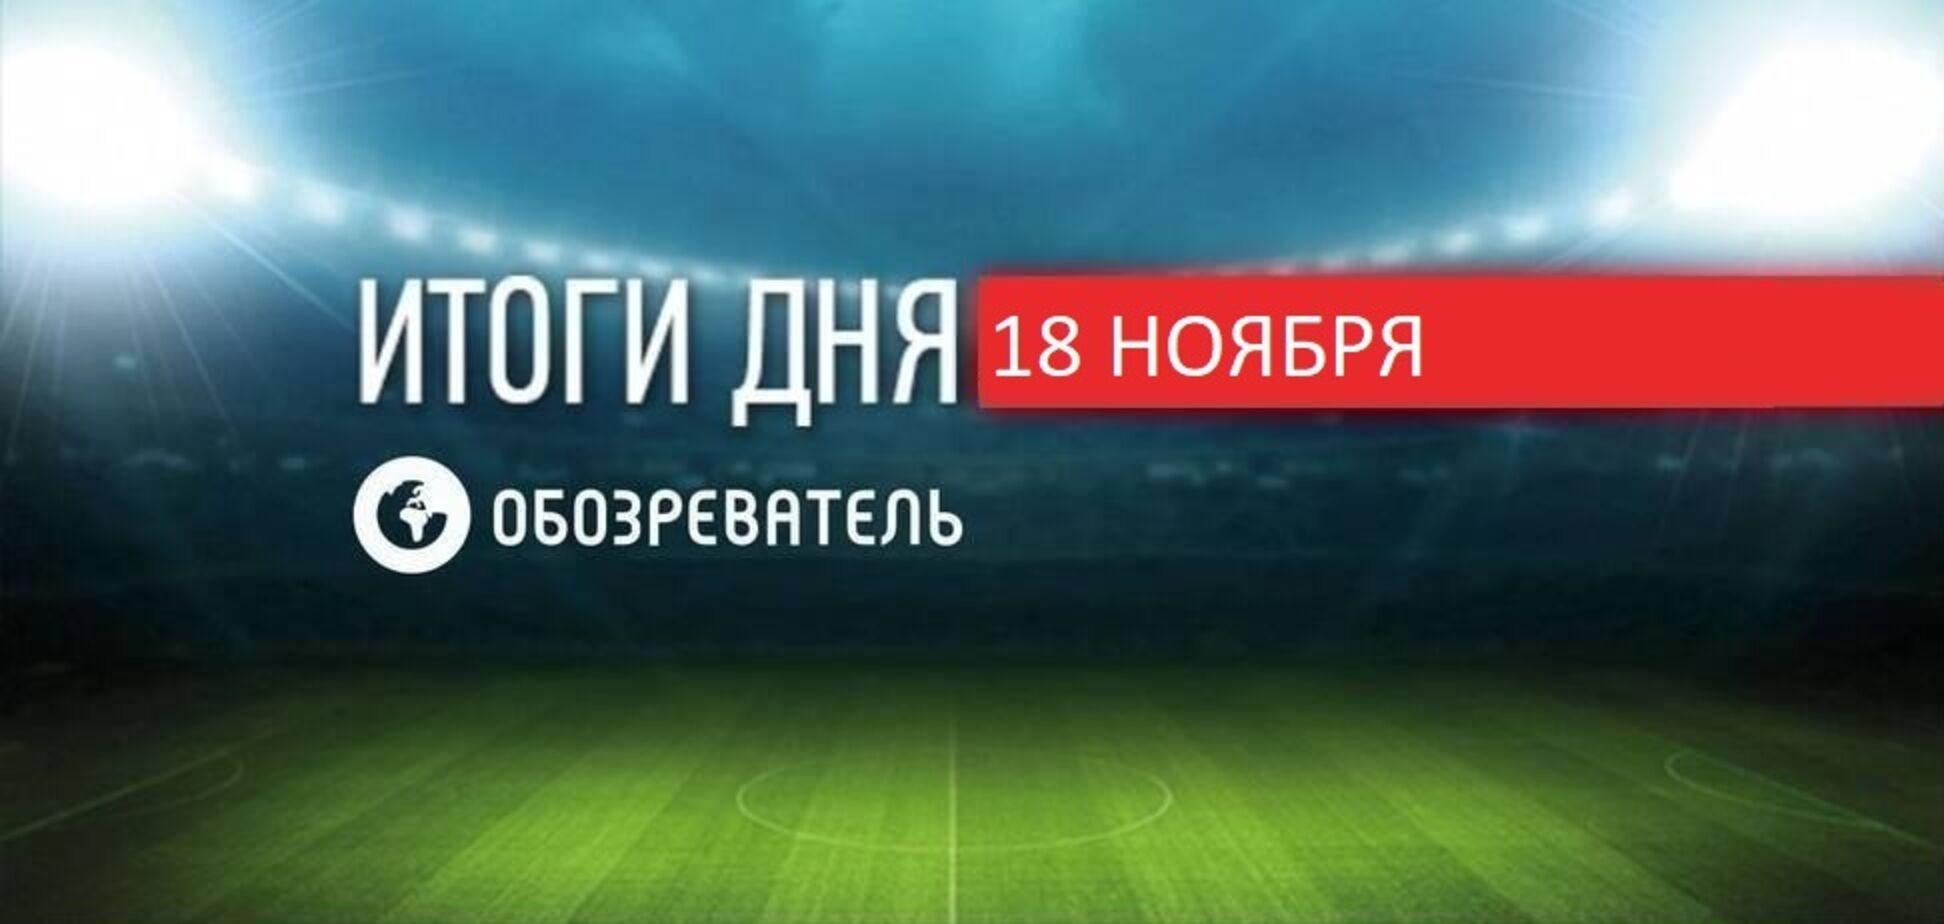 Россия проиграла 0:5 Сербии в Лиге наций: спортивные итоги 18 ноября